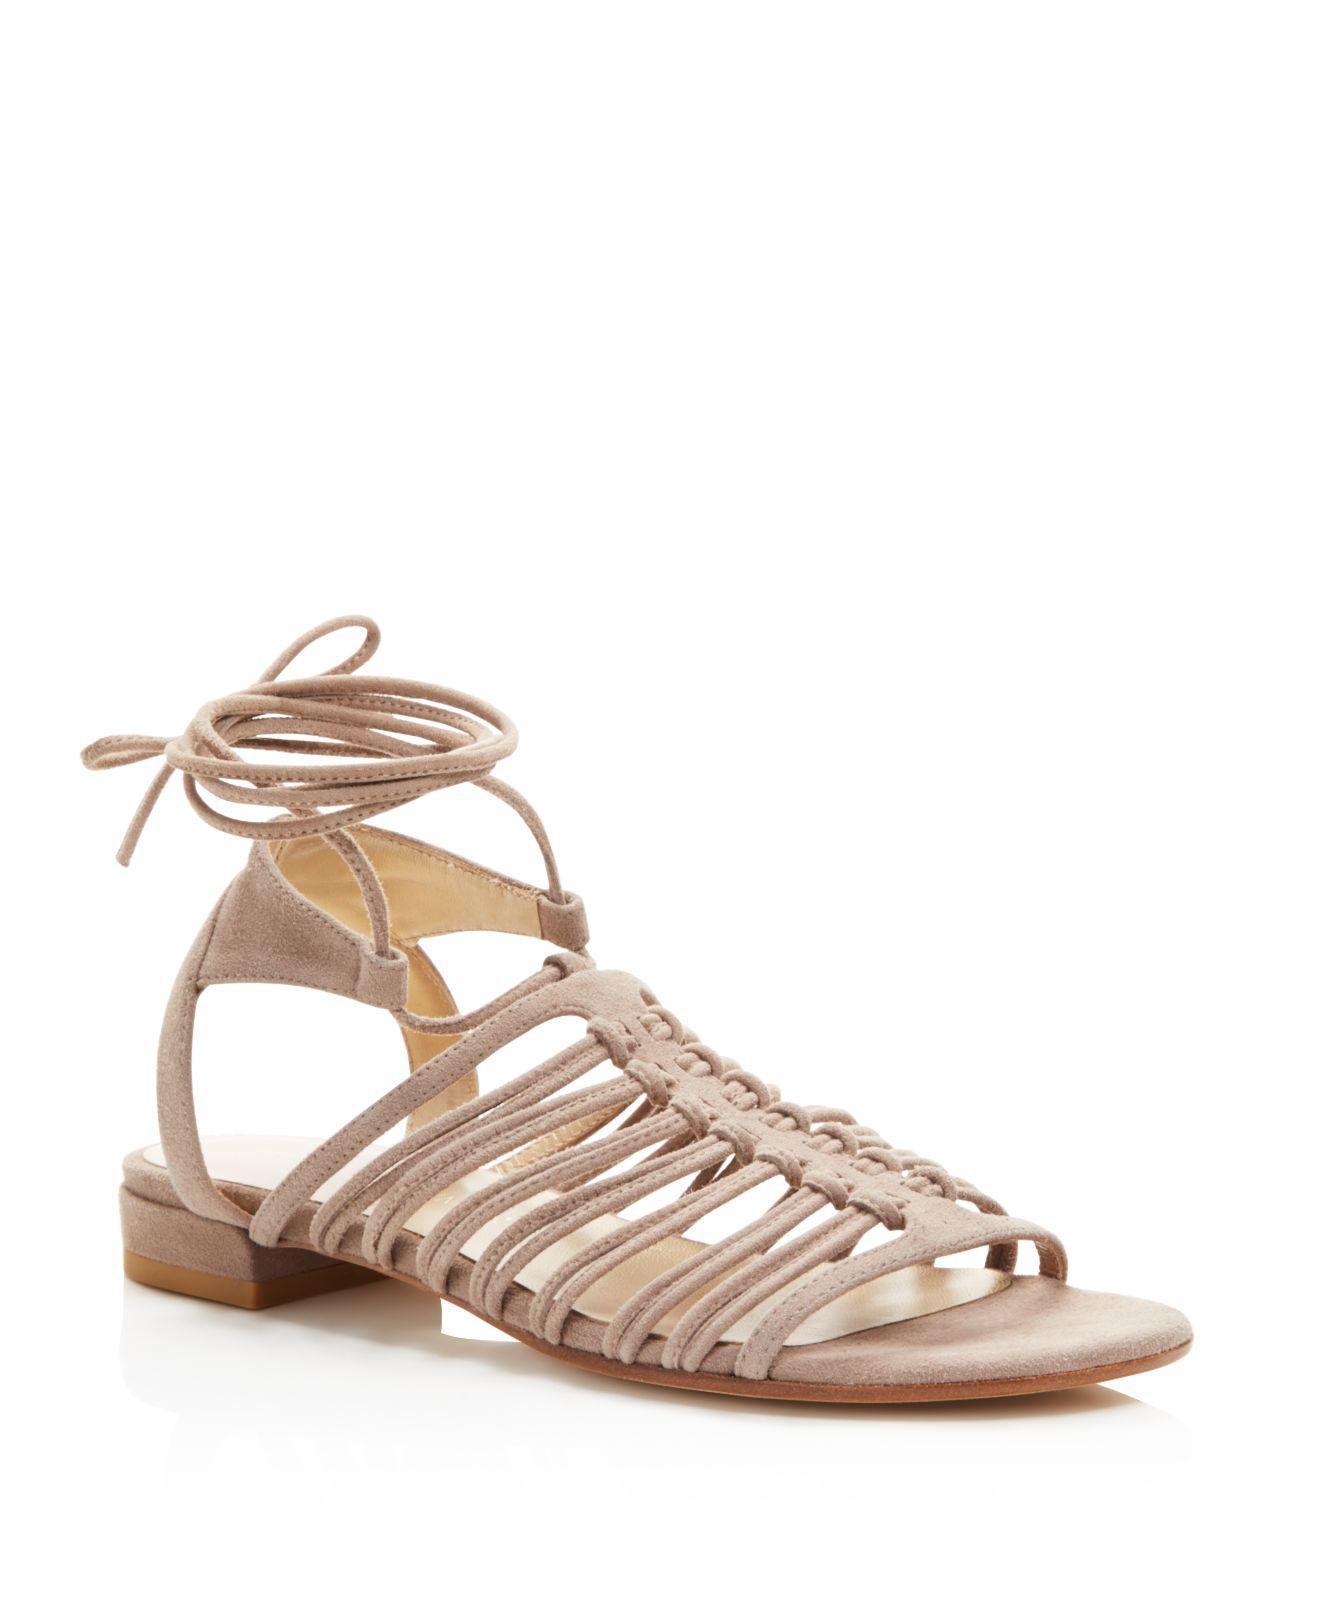 ce81e8df2e2b Lyst - Stuart Weitzman Knotagain Lace Up Sandals